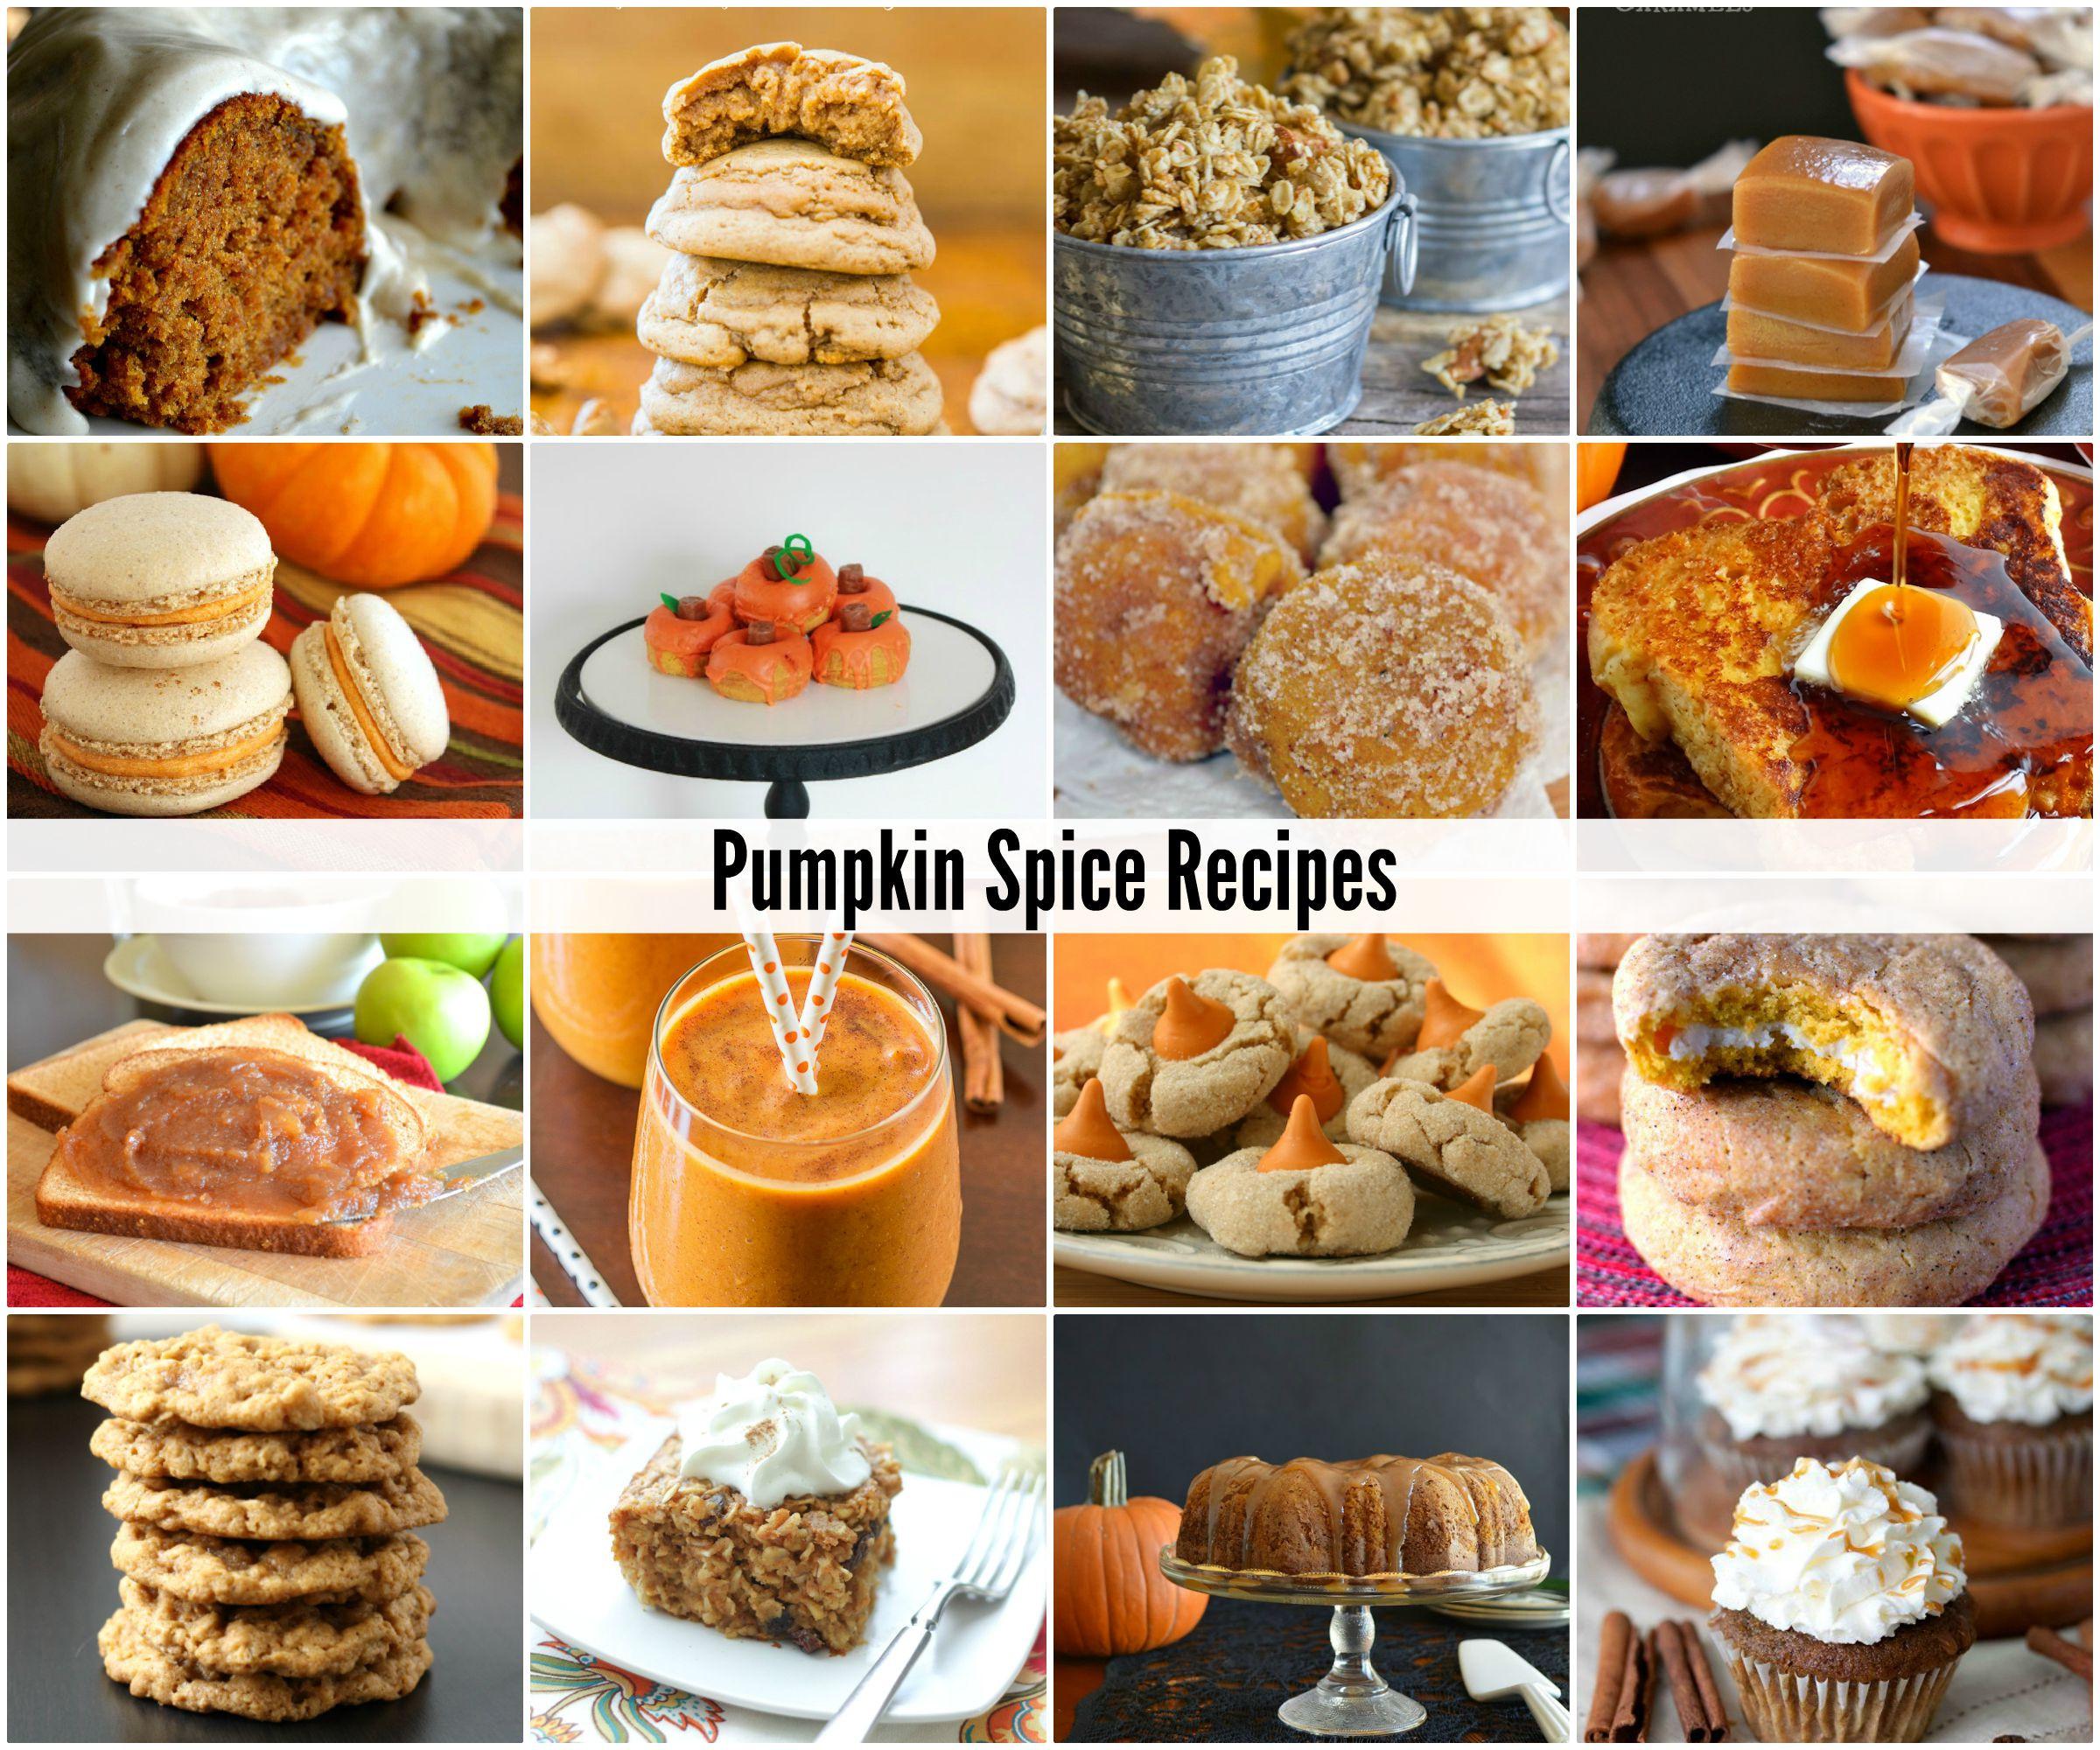 Fall Pumpkin Recipes  Pumpkin Spice Recipes The Idea Room